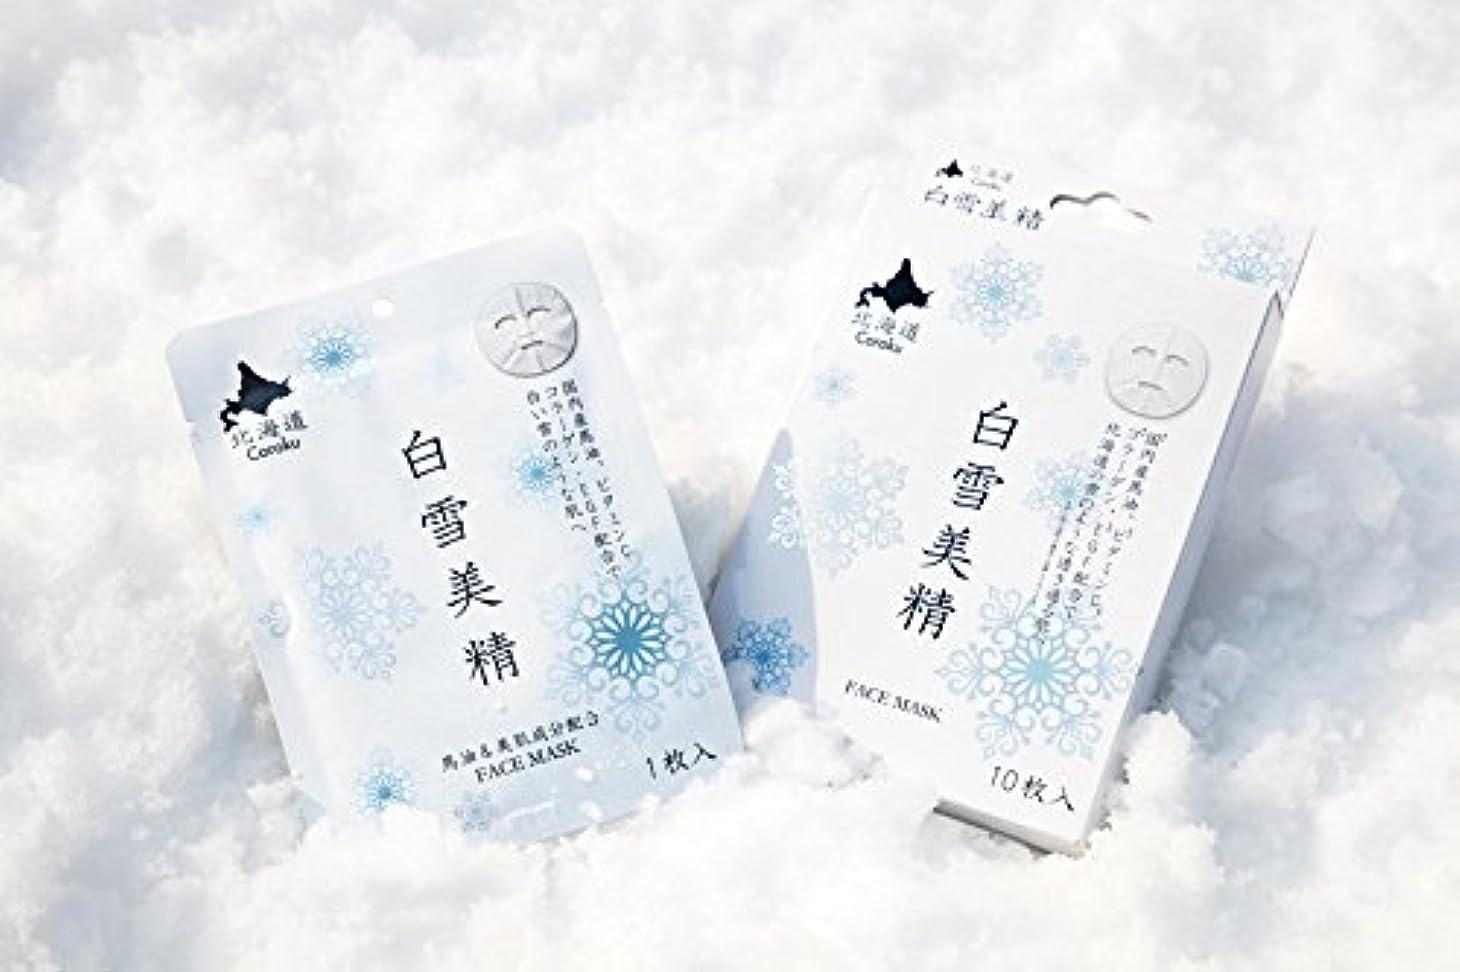 ダースまばたき教師の日【10個セット】 Coroku 白雪美精 フェイシャルホワイトマスク 10枚入り×10個セット